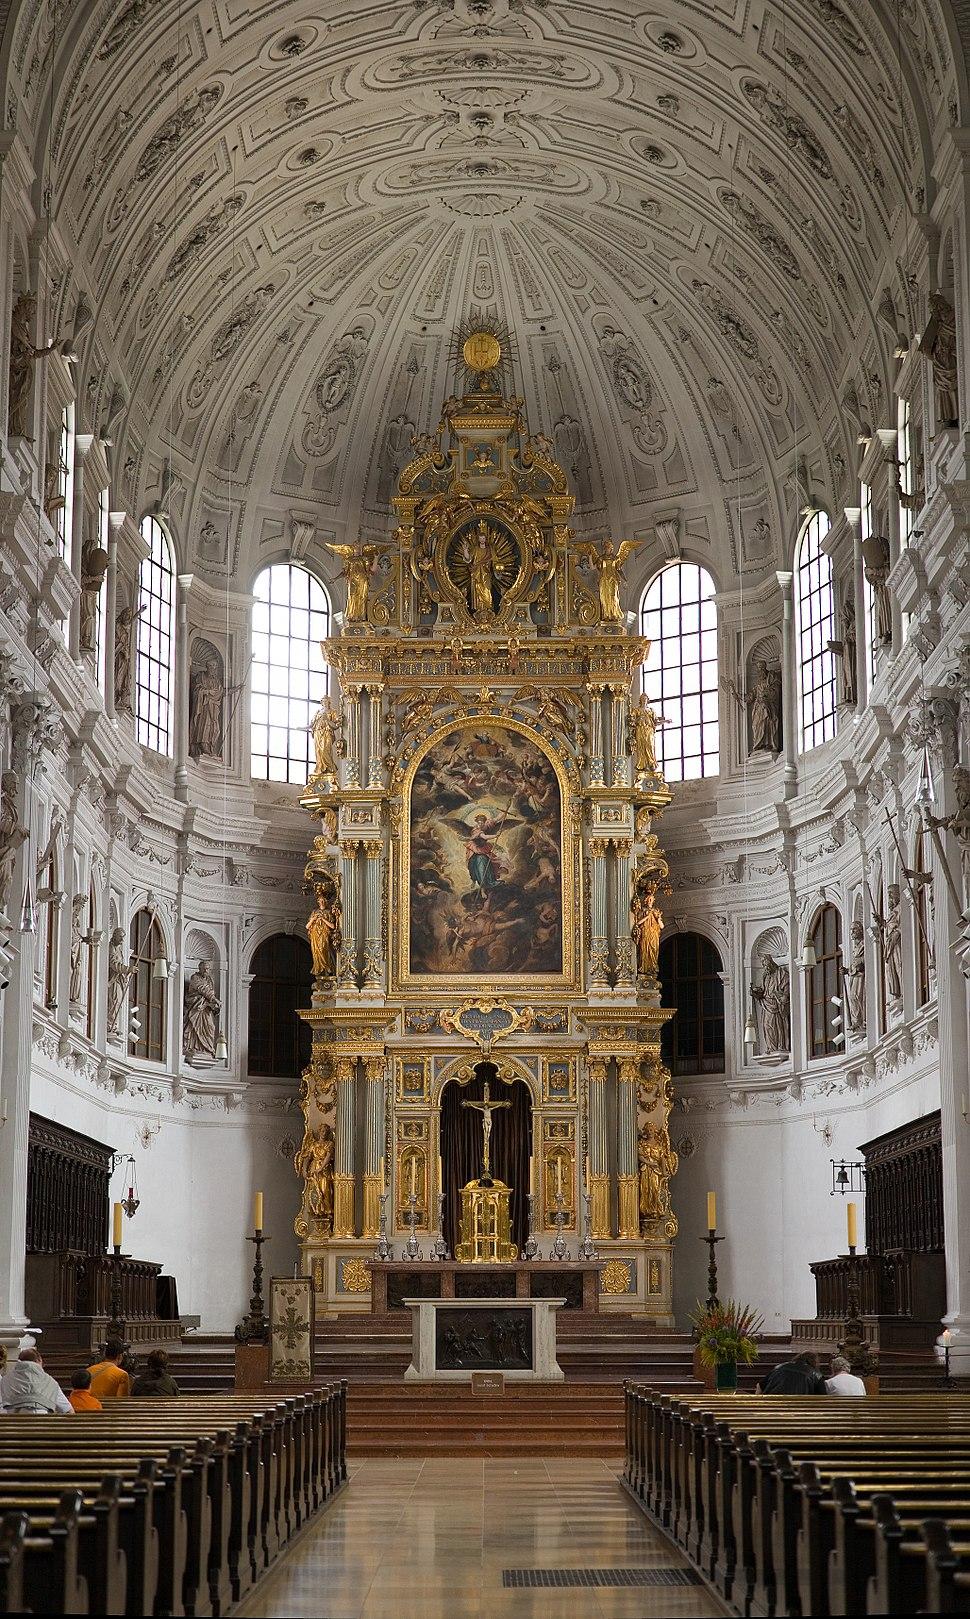 Michaelskirche Munich - St Michael%27s Church High Altar